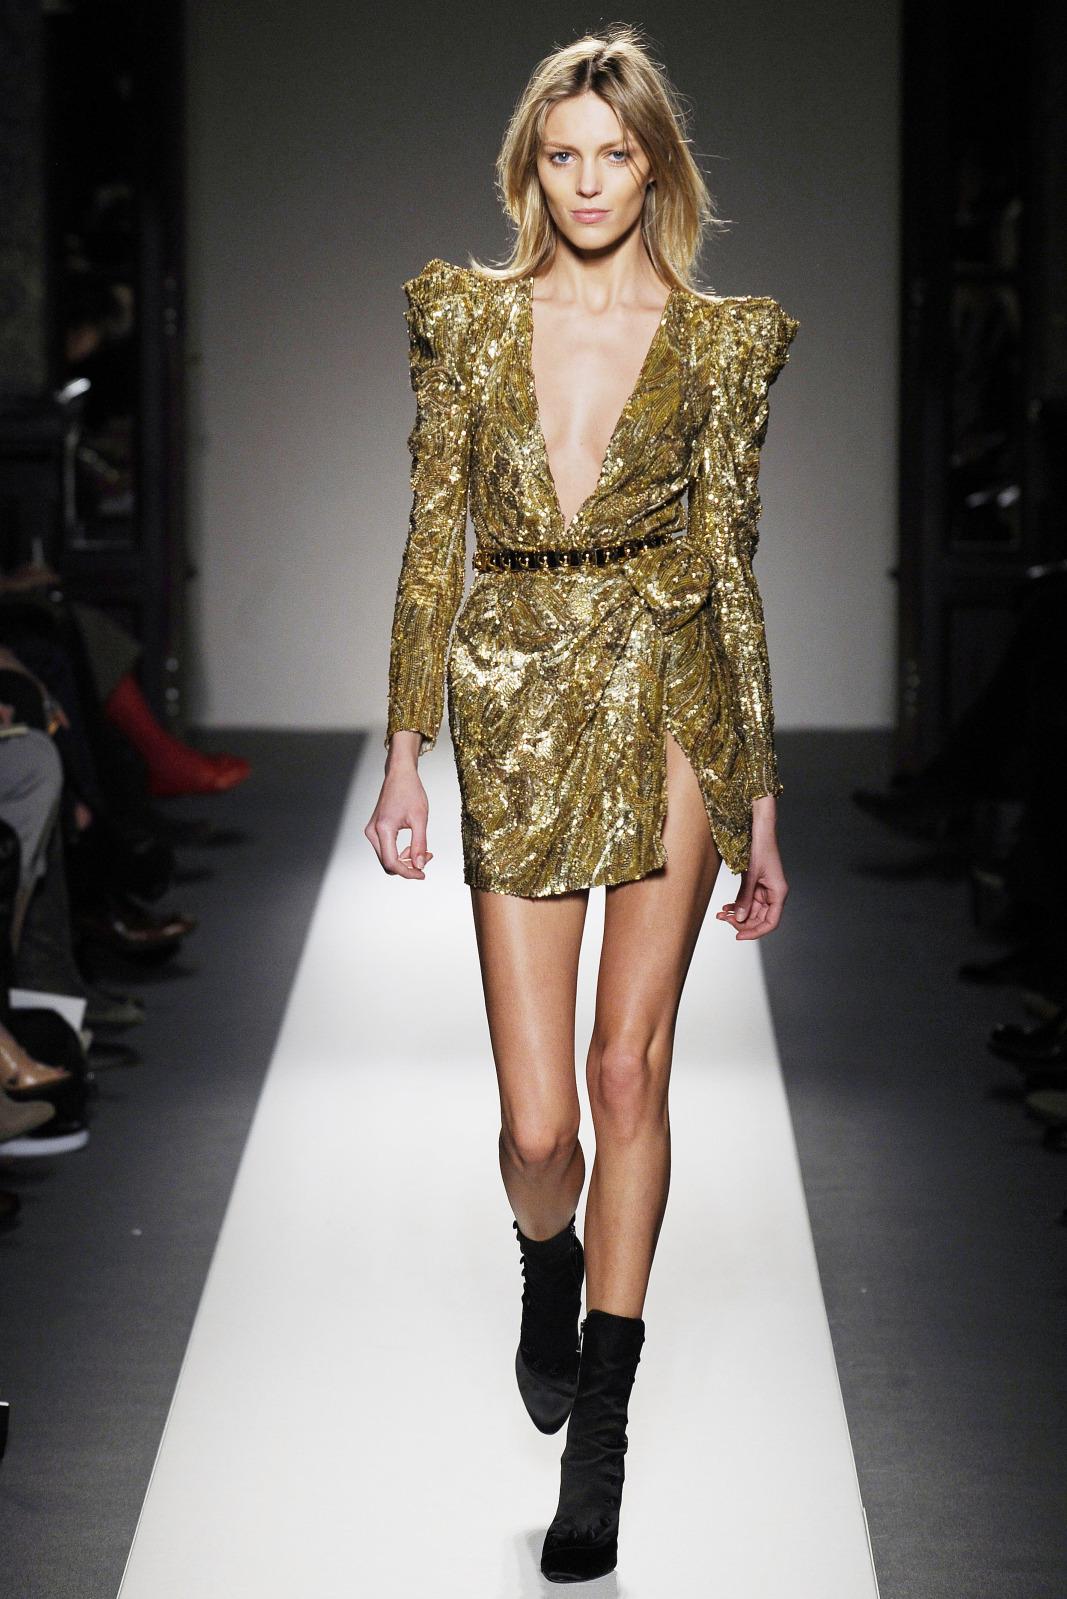 Sequin Sheath Dress | Women's Fashion